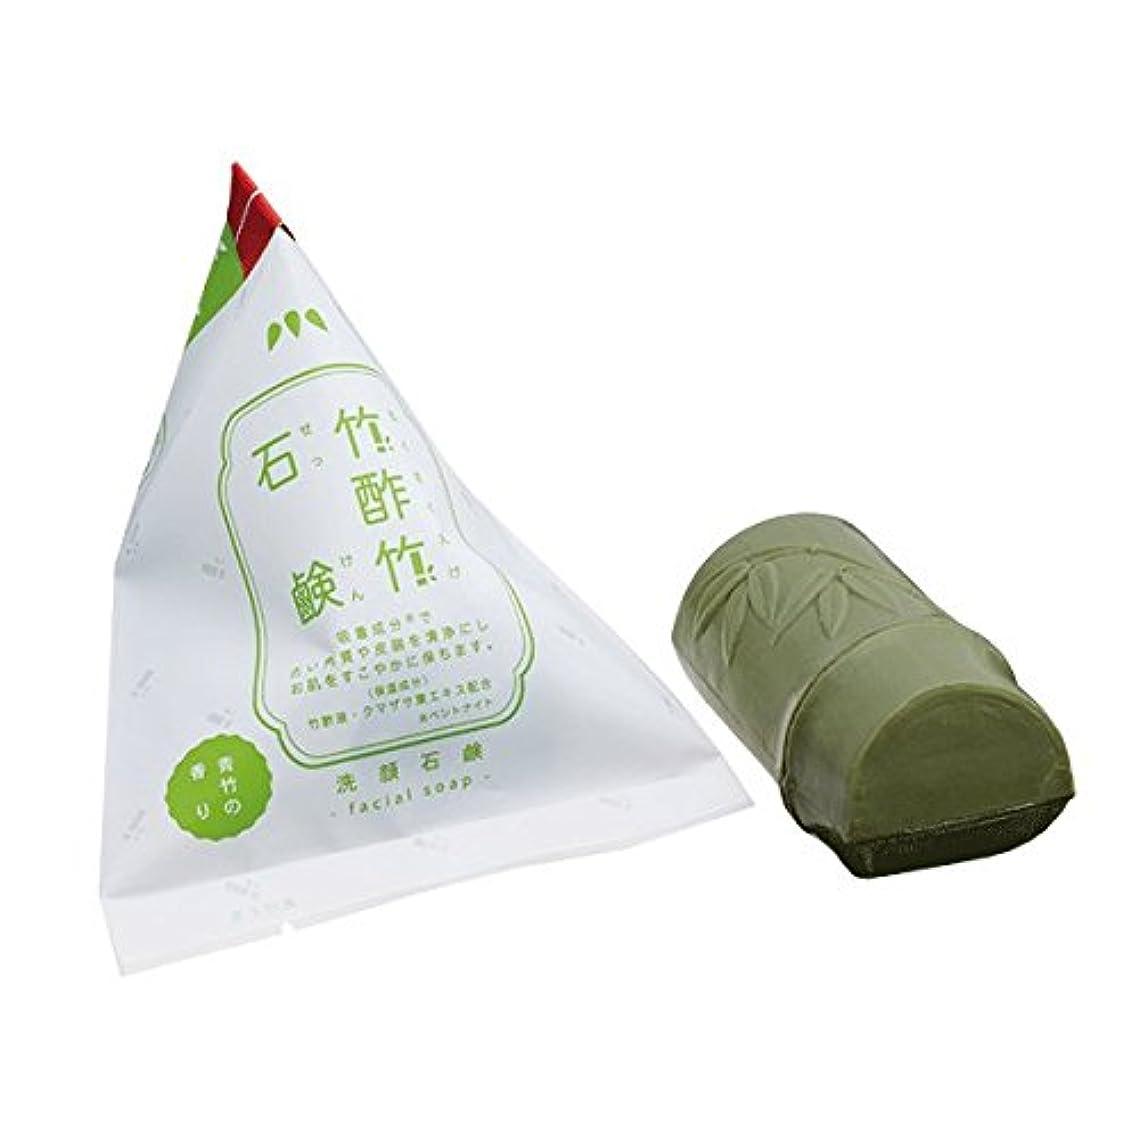 ゼロ松革命的フェニックス 竹酢竹泥棒石鹸120g(5個セット)